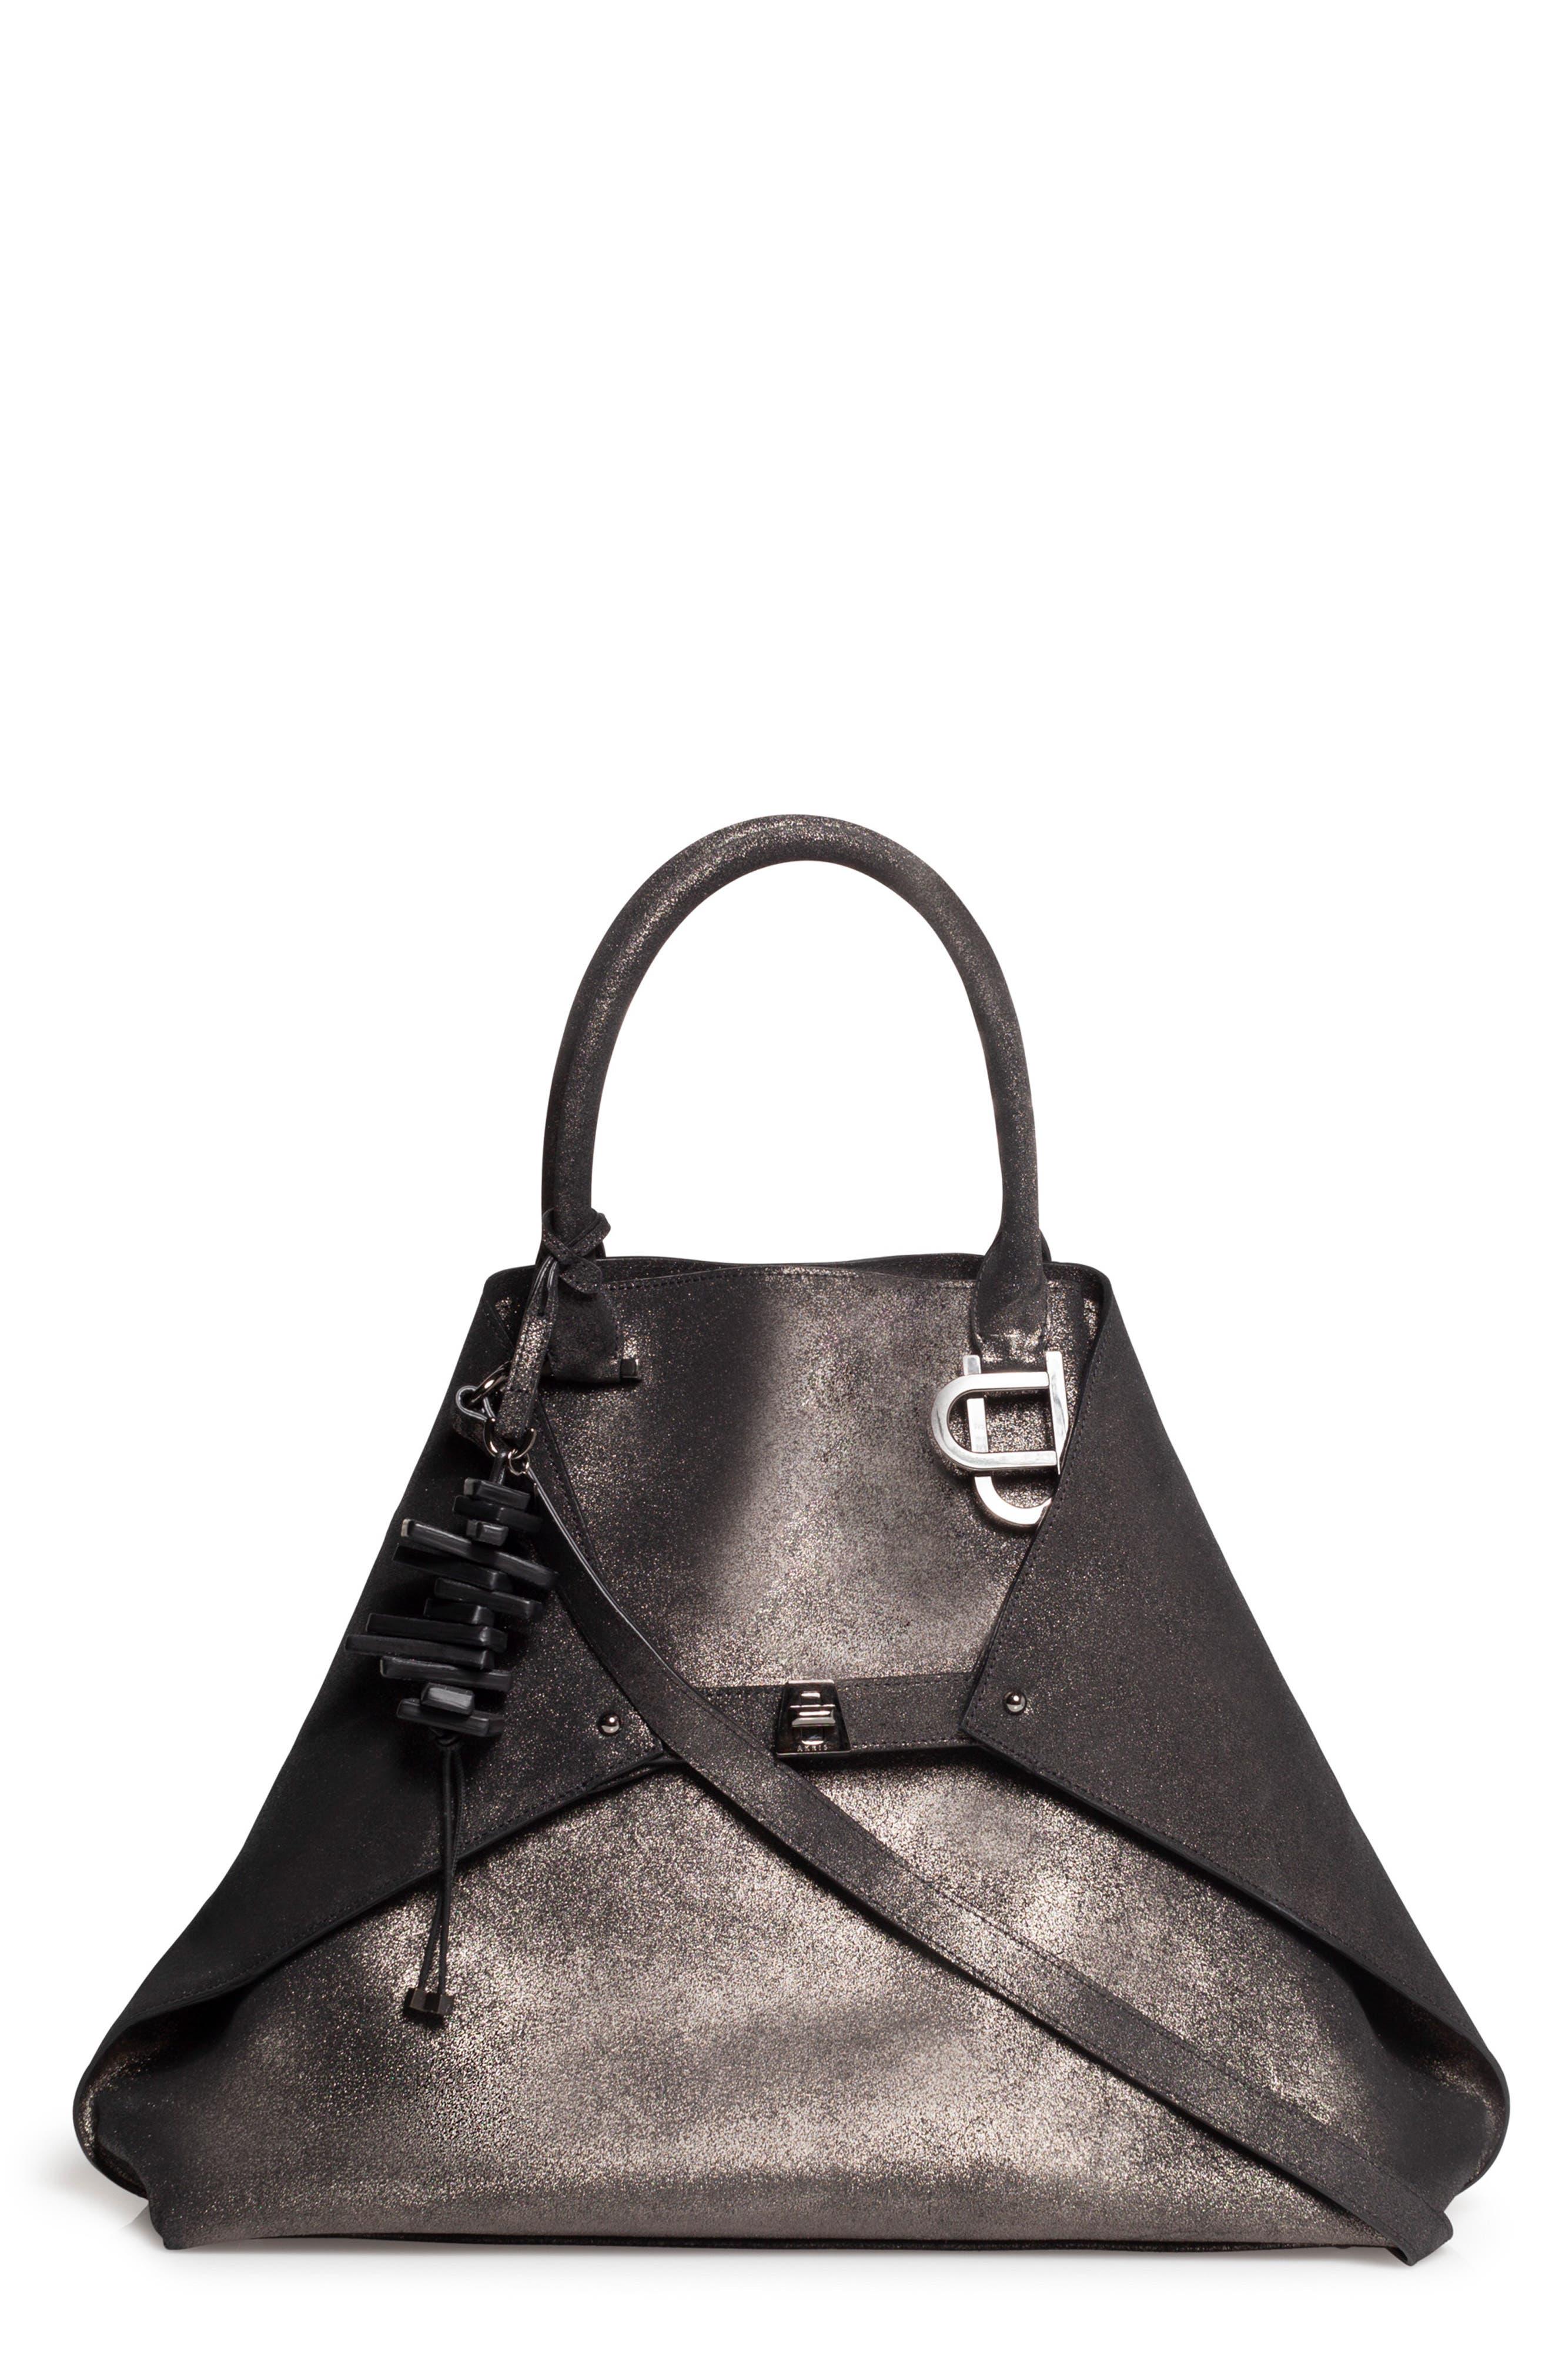 9bbb2d35dc77 Akris Women s Handbags